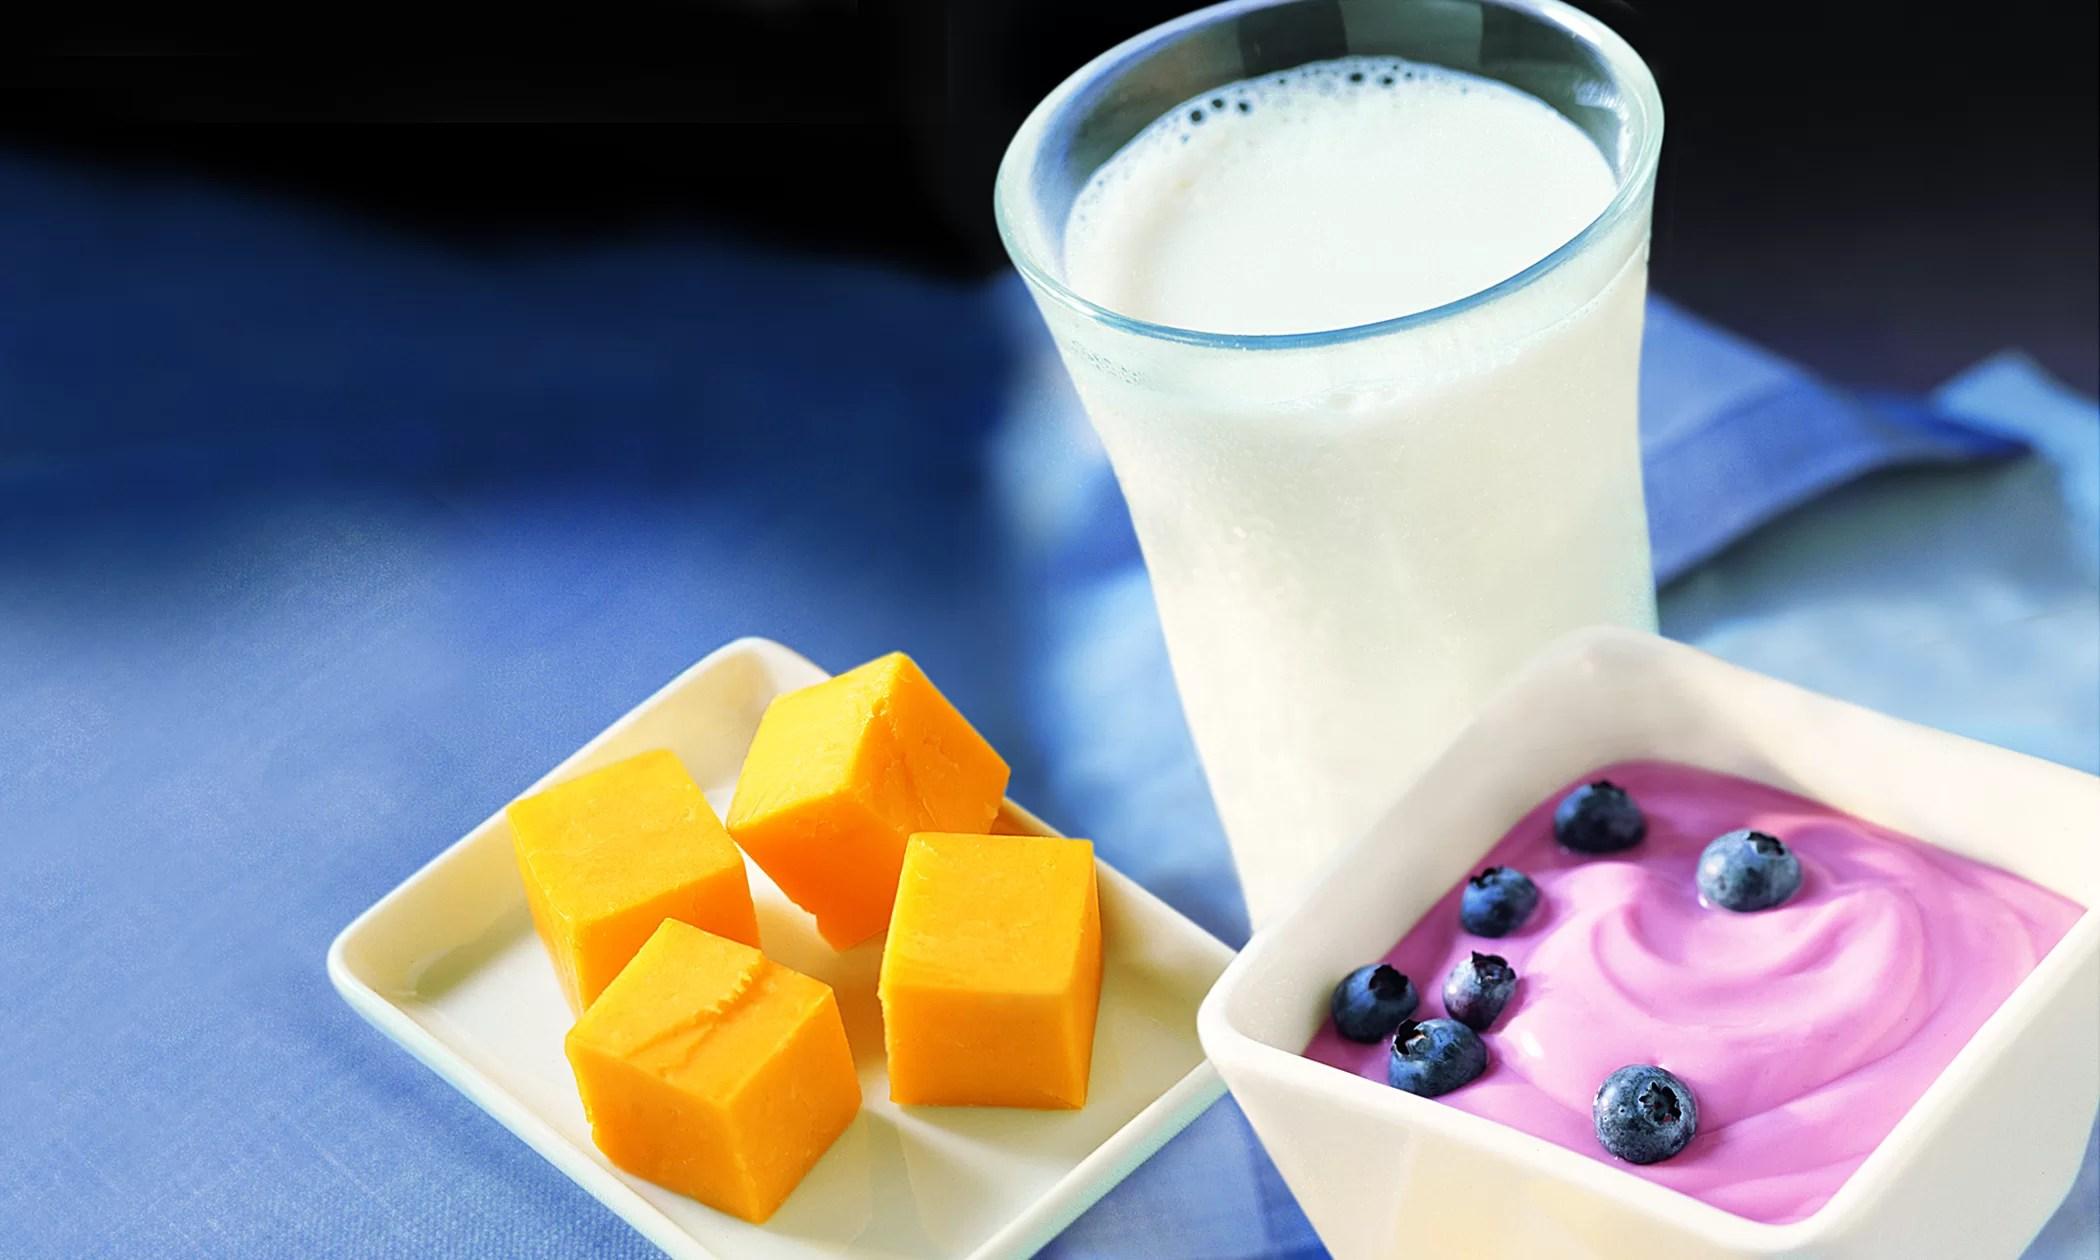 Уральские ученые создали витаминные сыры и йогурты с антиоксидантными свойствами